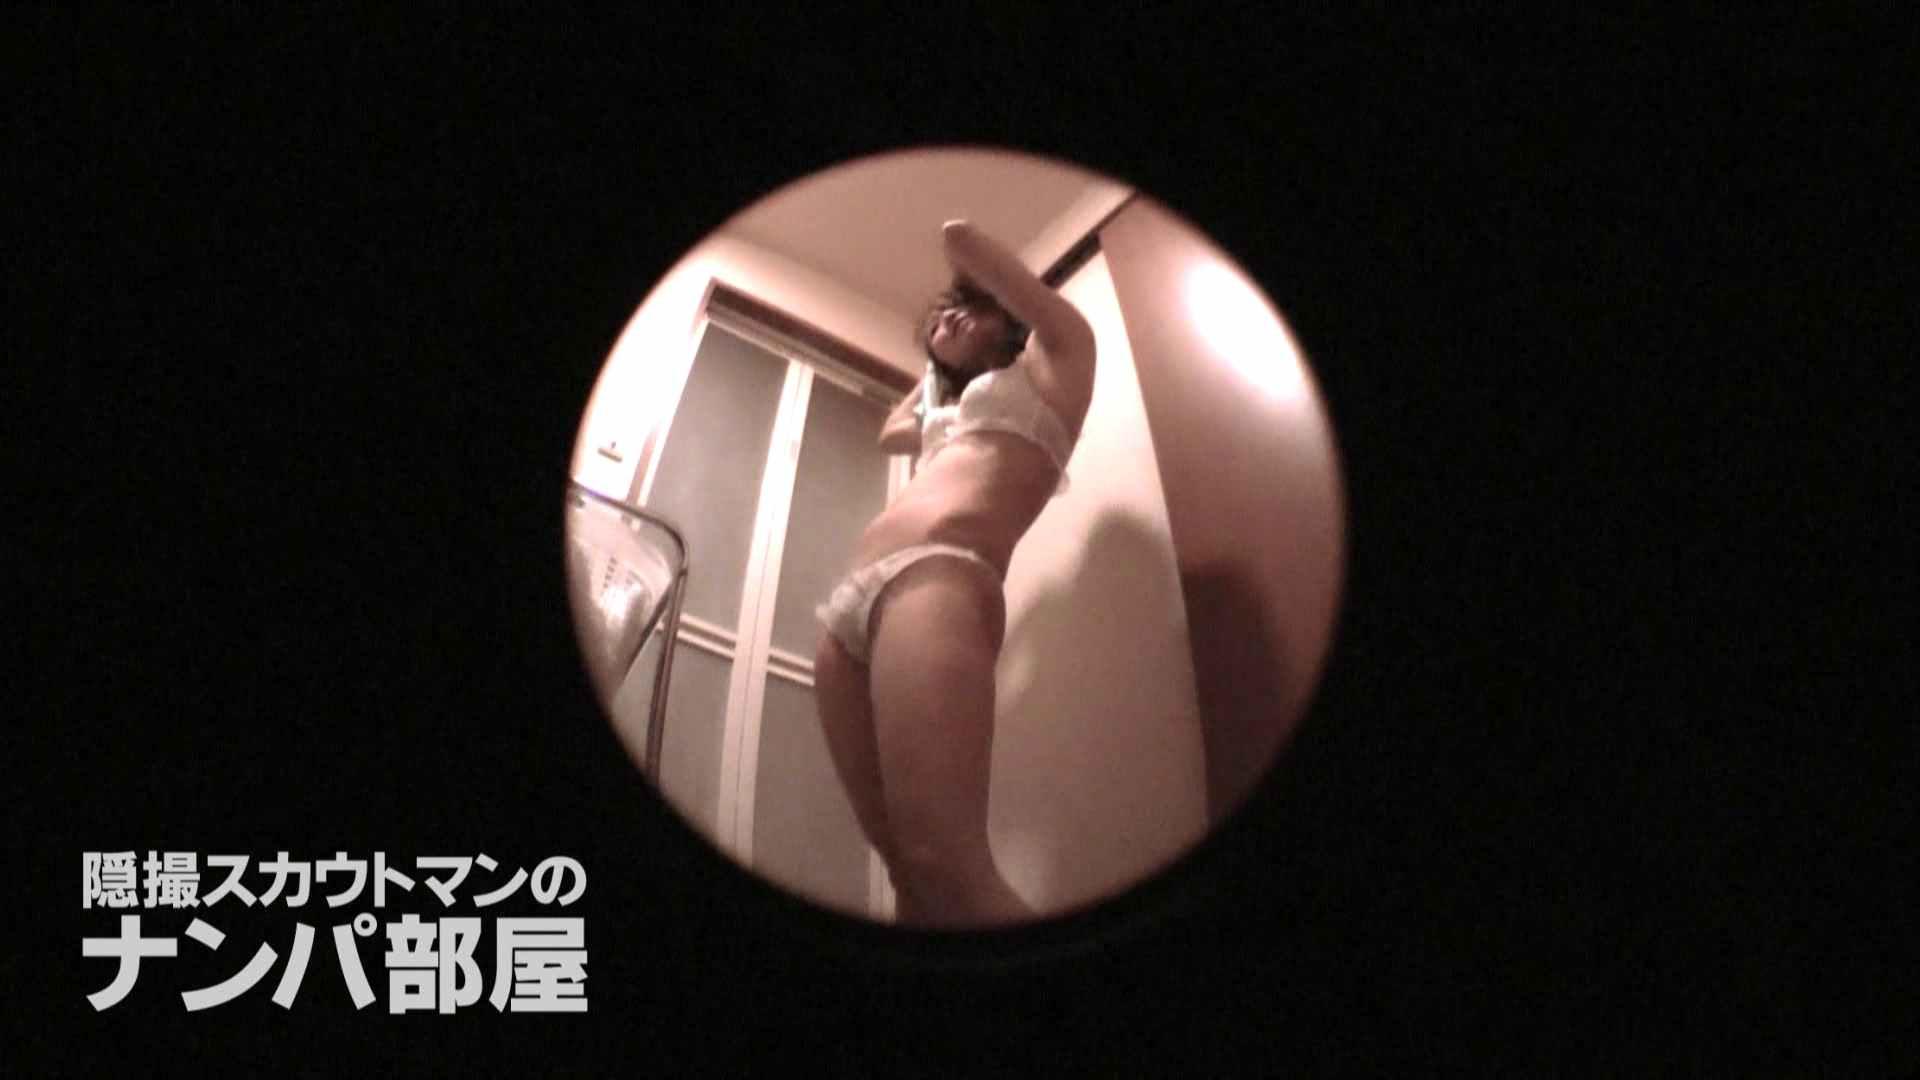 隠撮スカウトマンのナンパ部屋~風俗デビュー前のつまみ食い~ siivol.4 隠撮  91pic 30